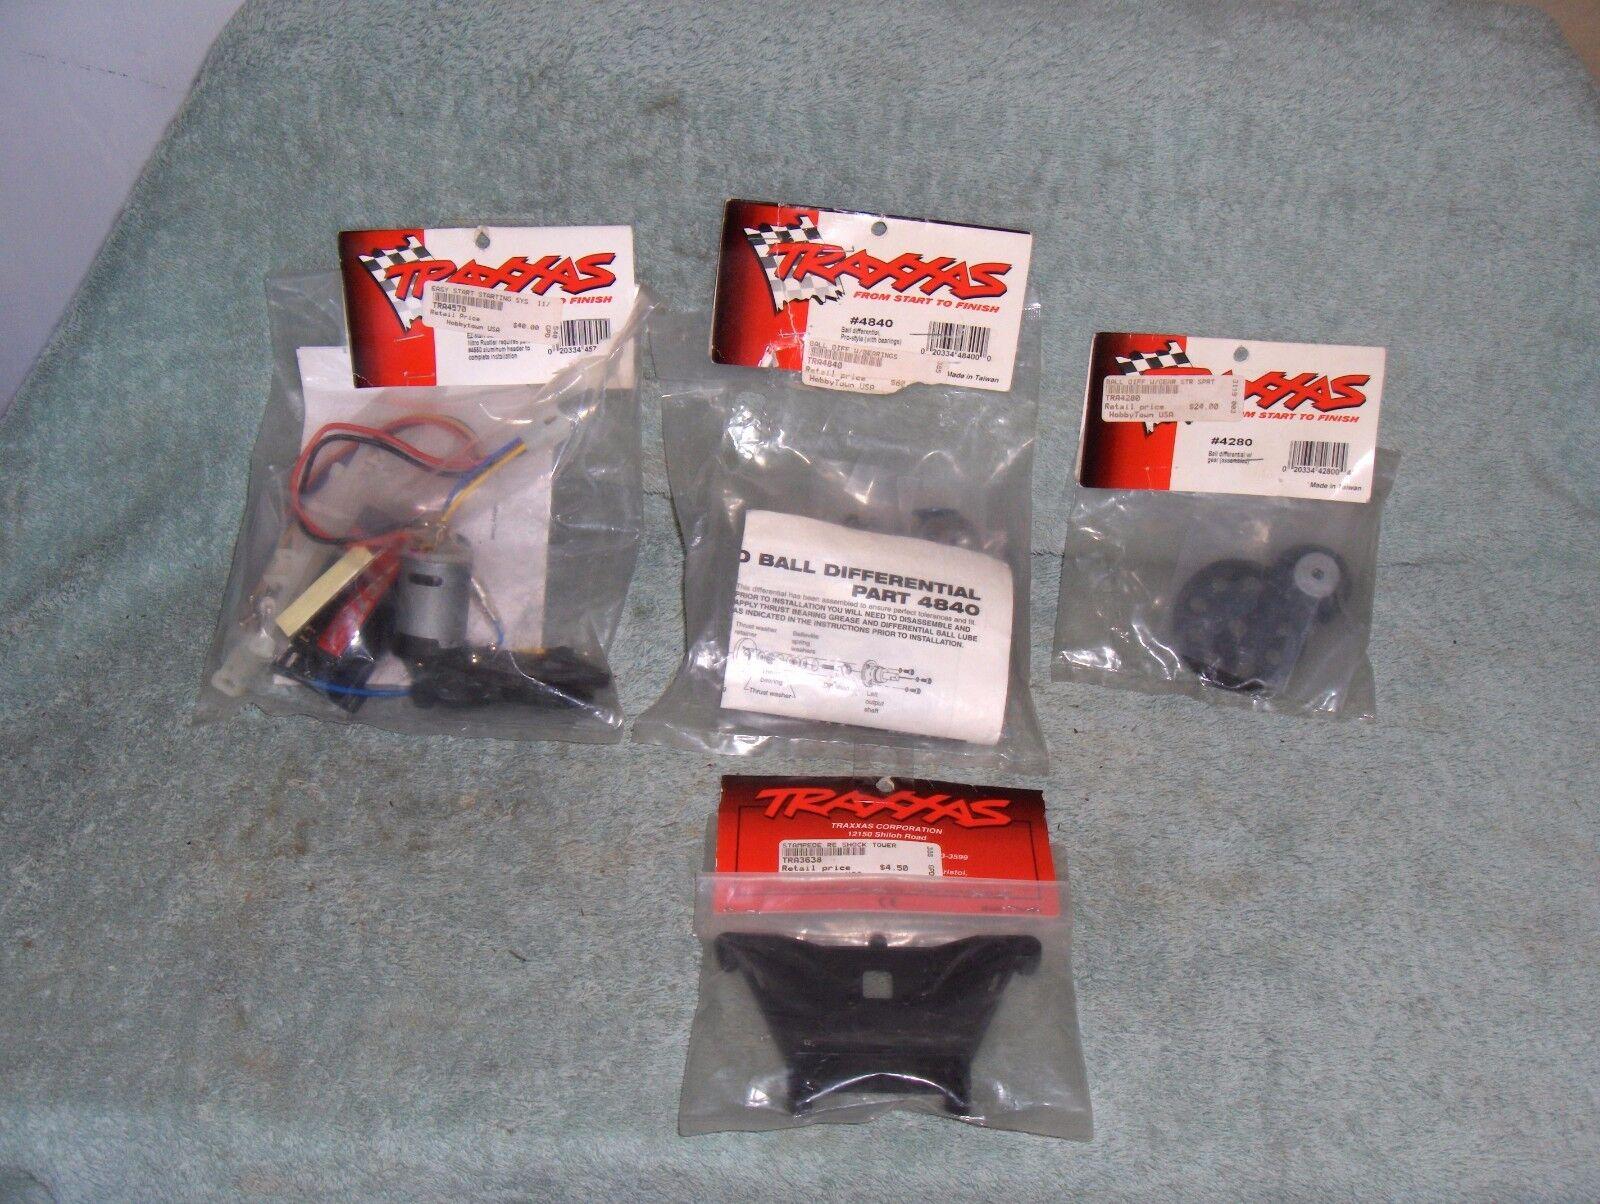 Traxxas TRA4570 EZ-estrellat estrellating System 1  T-Maxx .15   4280  4840  3638 Parts  vendita online sconto prezzo basso